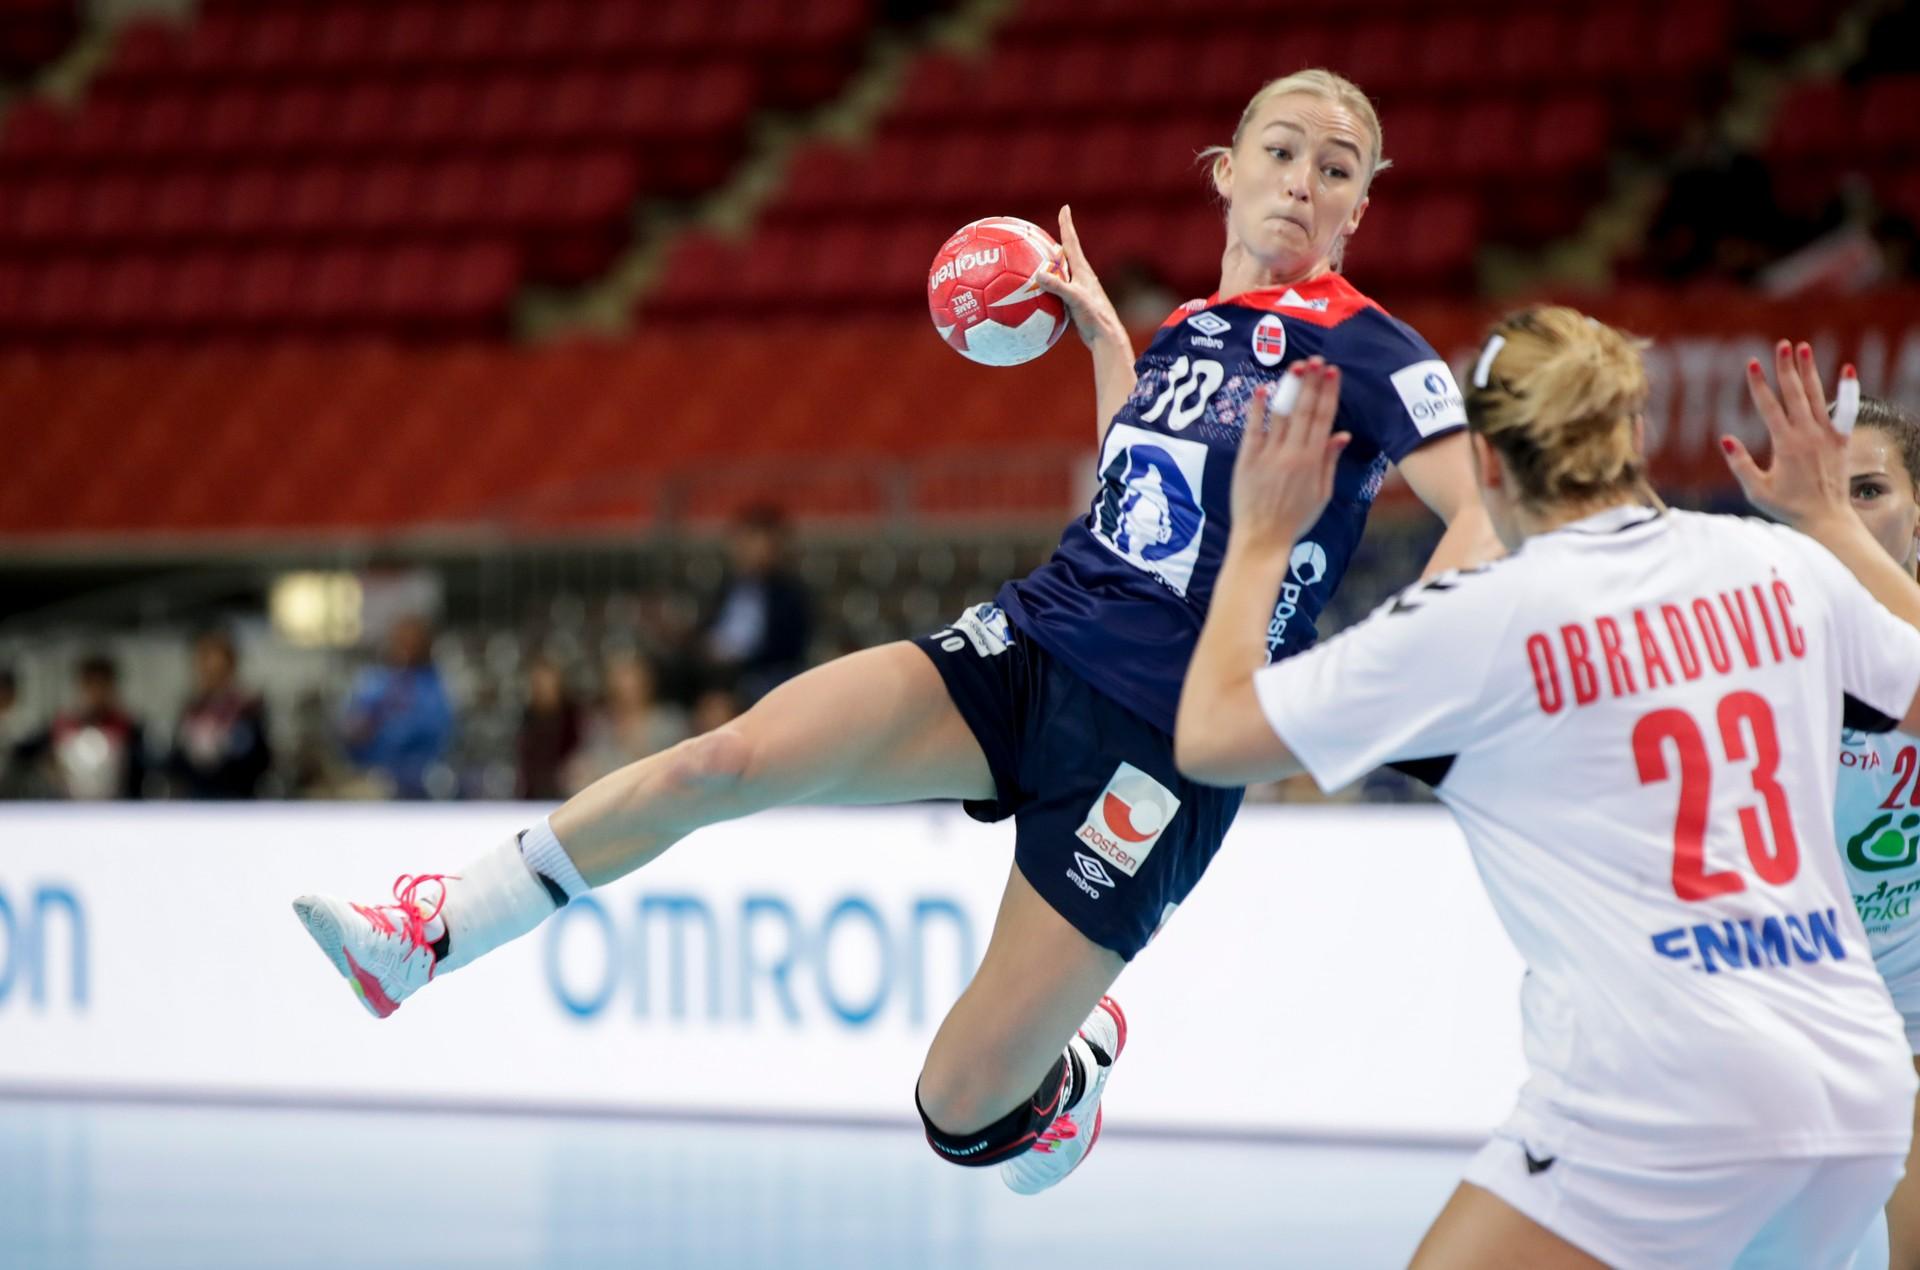 Handball Vm Kvinner 2019 Nrk Sport Sportsnyheter Resultater Og Sendeplan